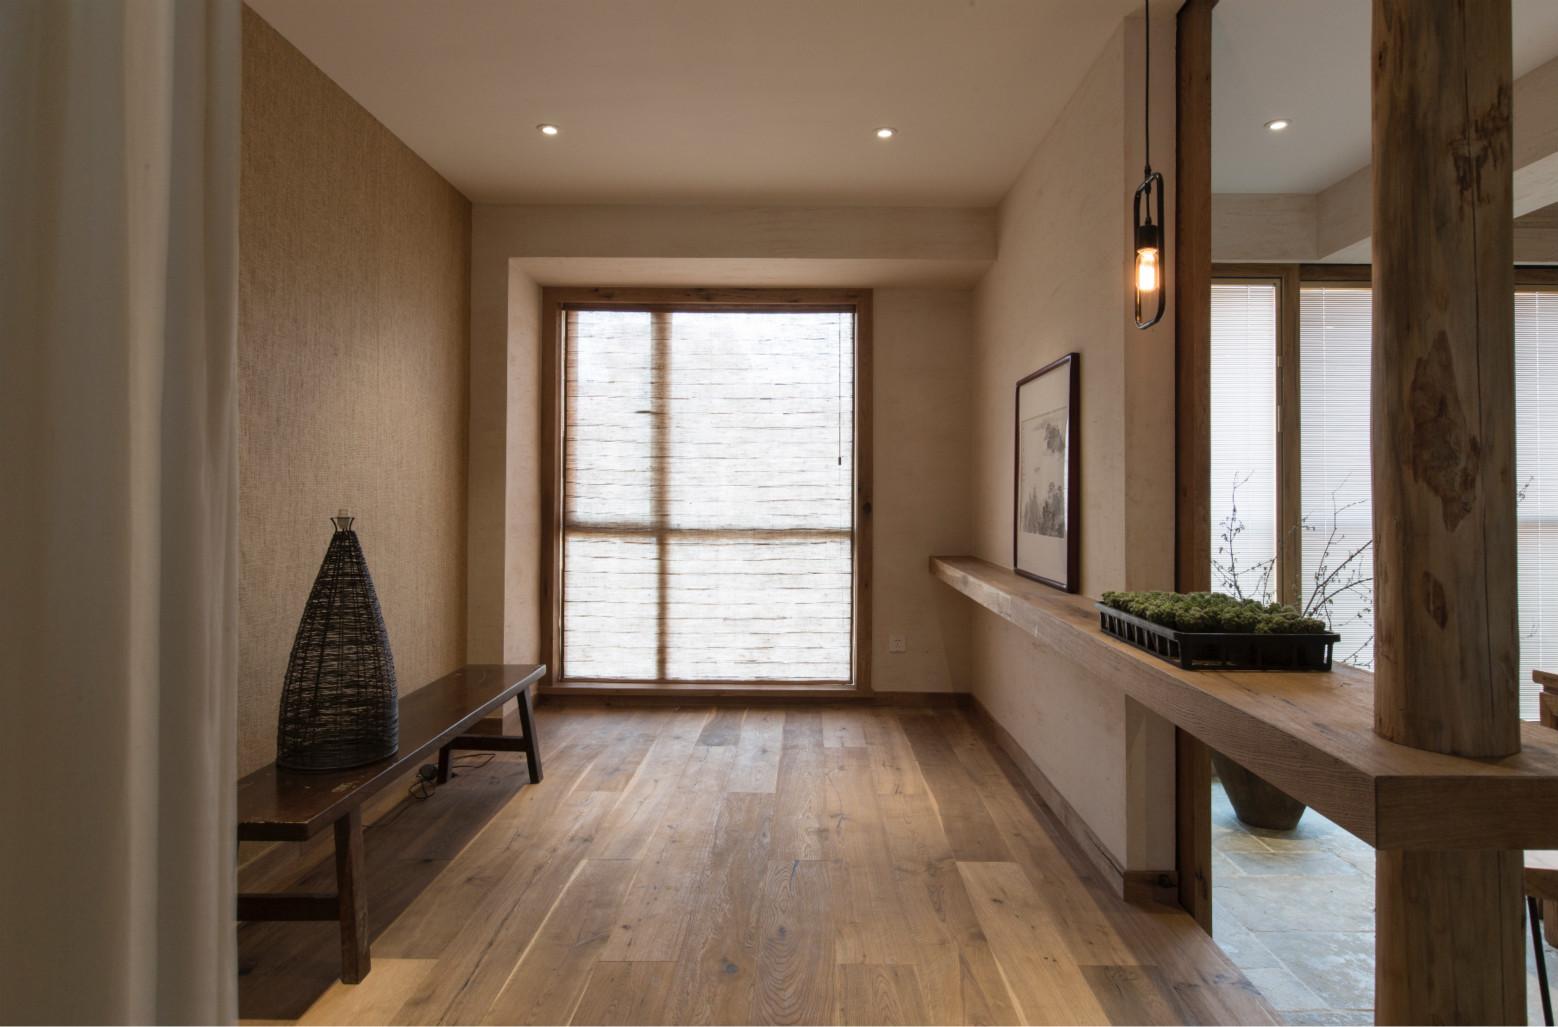 一进来之后就是原木色,地面同铺原木的地板,原木的玄关柜,,柜子旁边摆放了一盆绿植,自然清新的气息